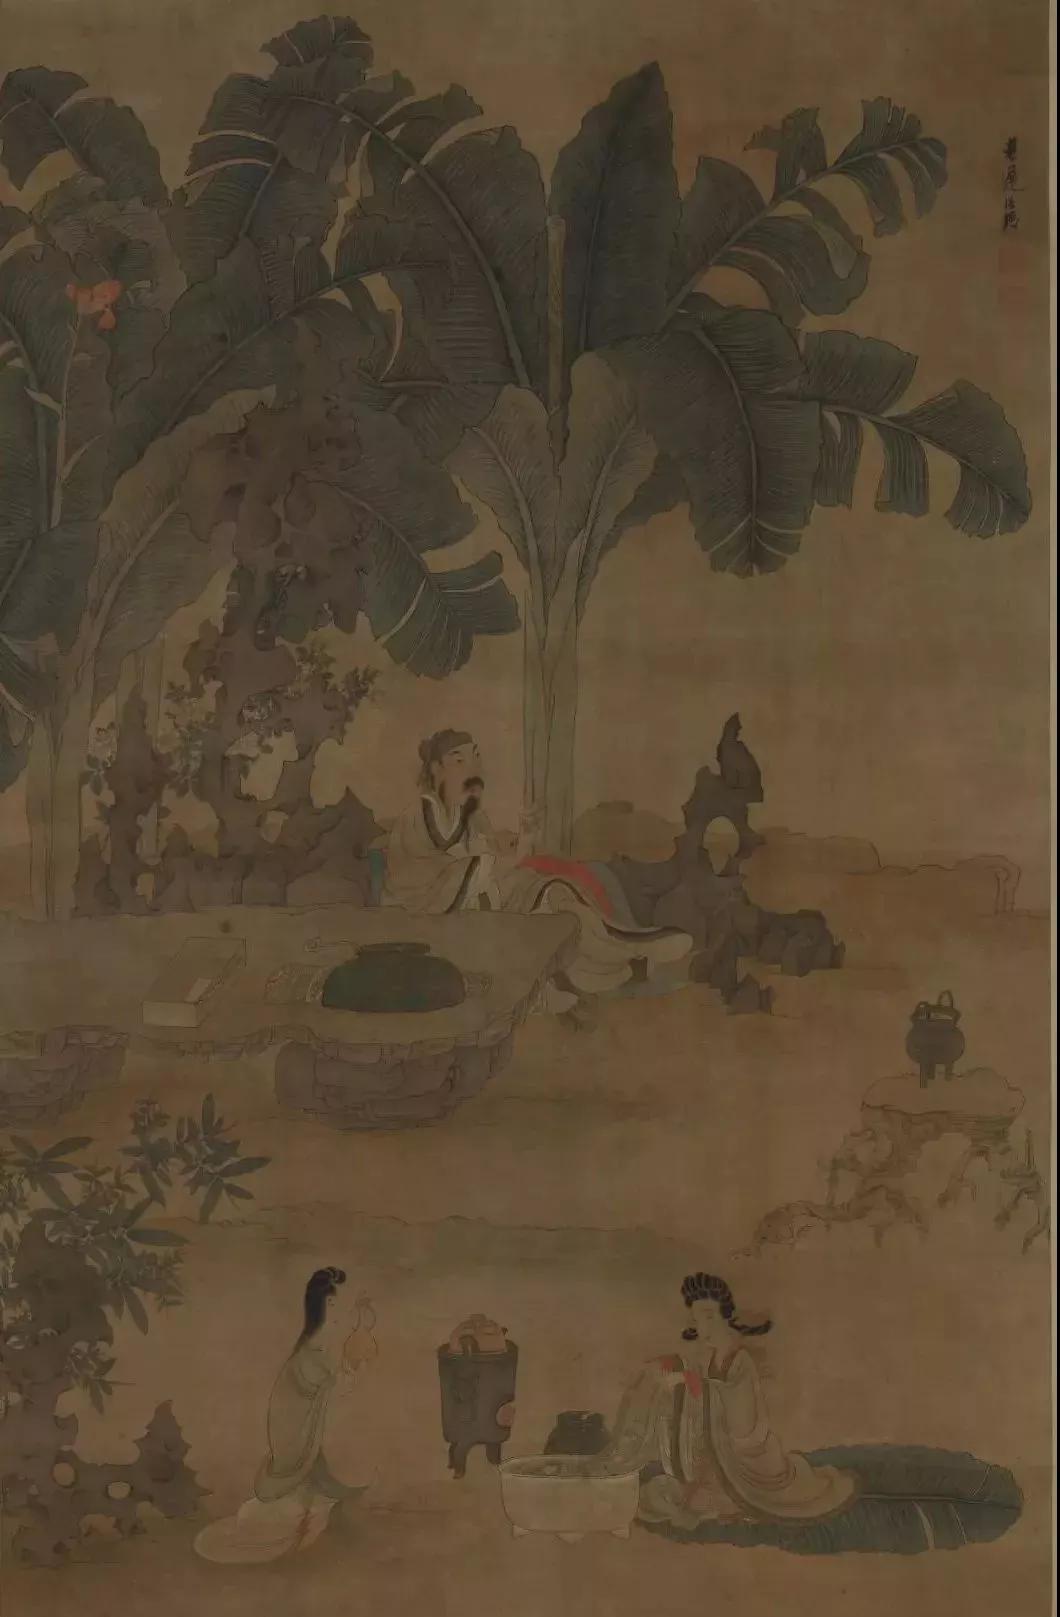 徐渭、董其昌、曾鲸、蓝瑛、陈洪绶等一批晚明大咖即将亮相天津博物馆